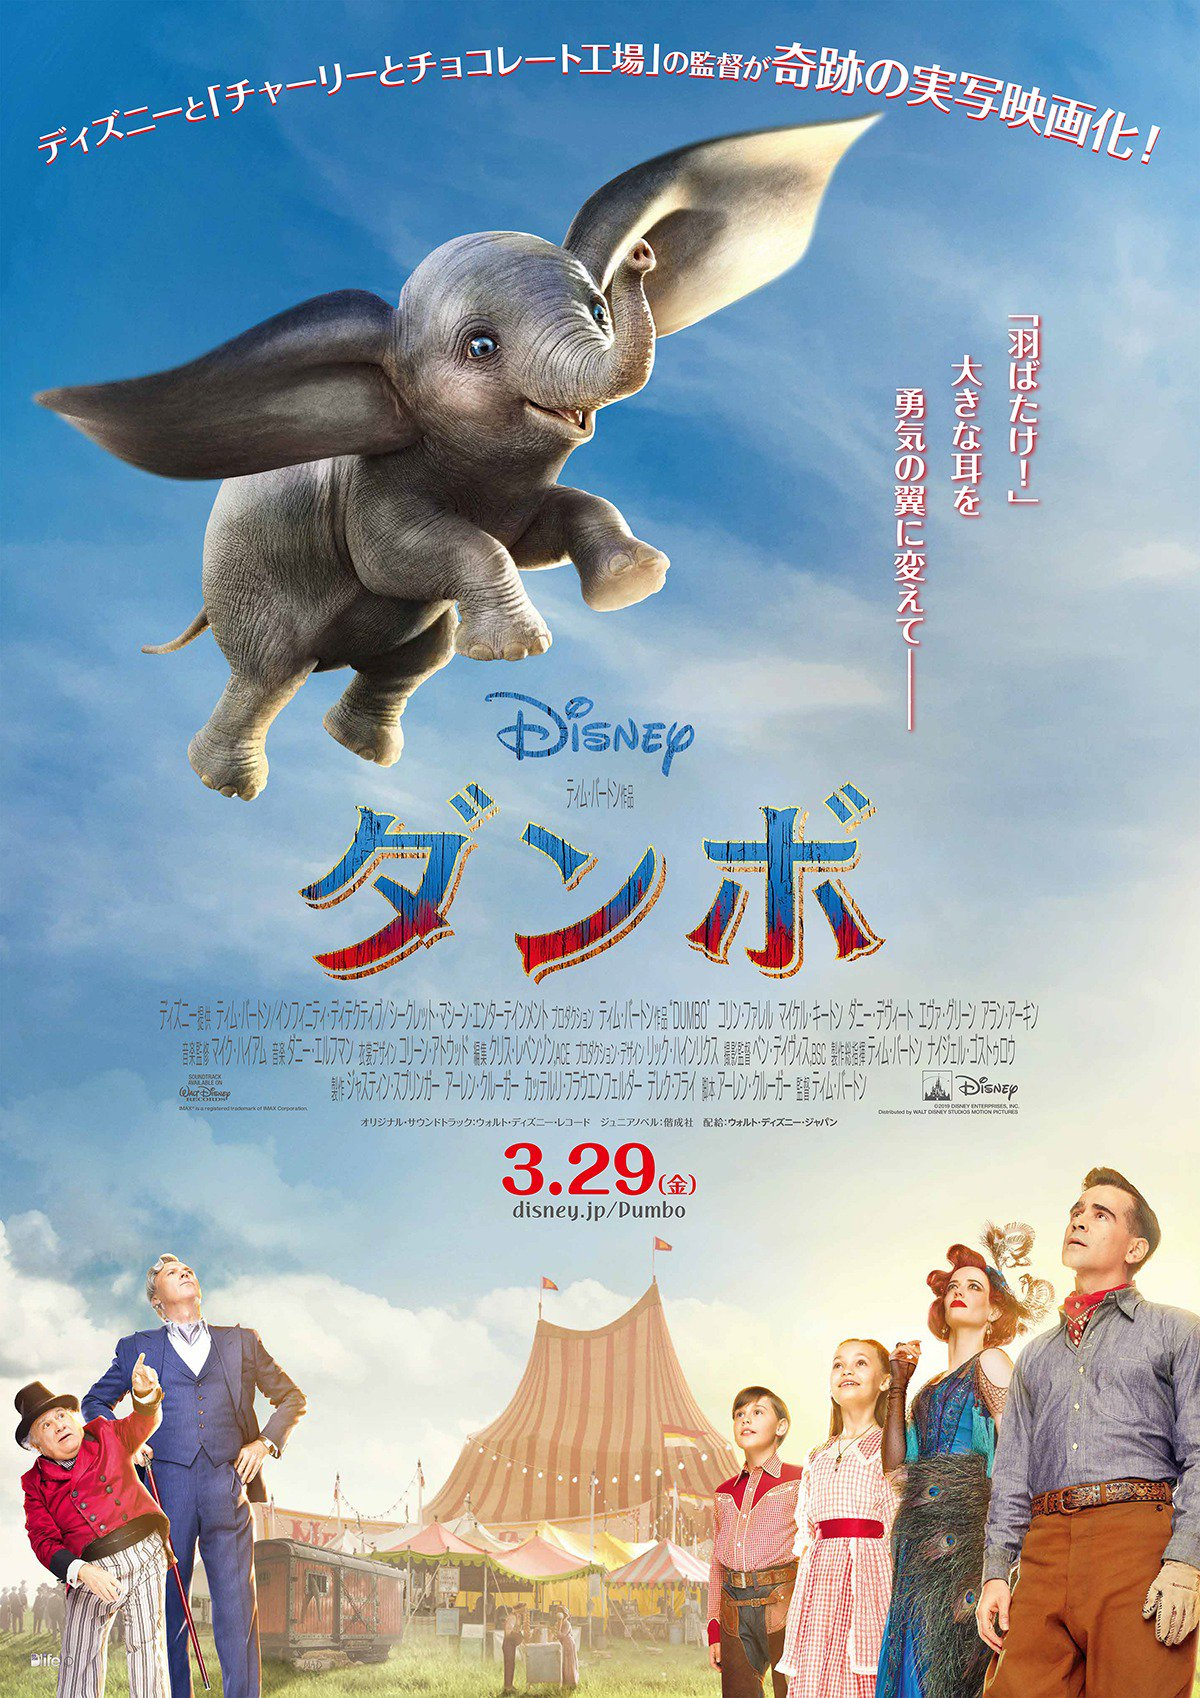 ダンボ 公開記念キャンペーン 映画館の ダンボ のポスターに記載され